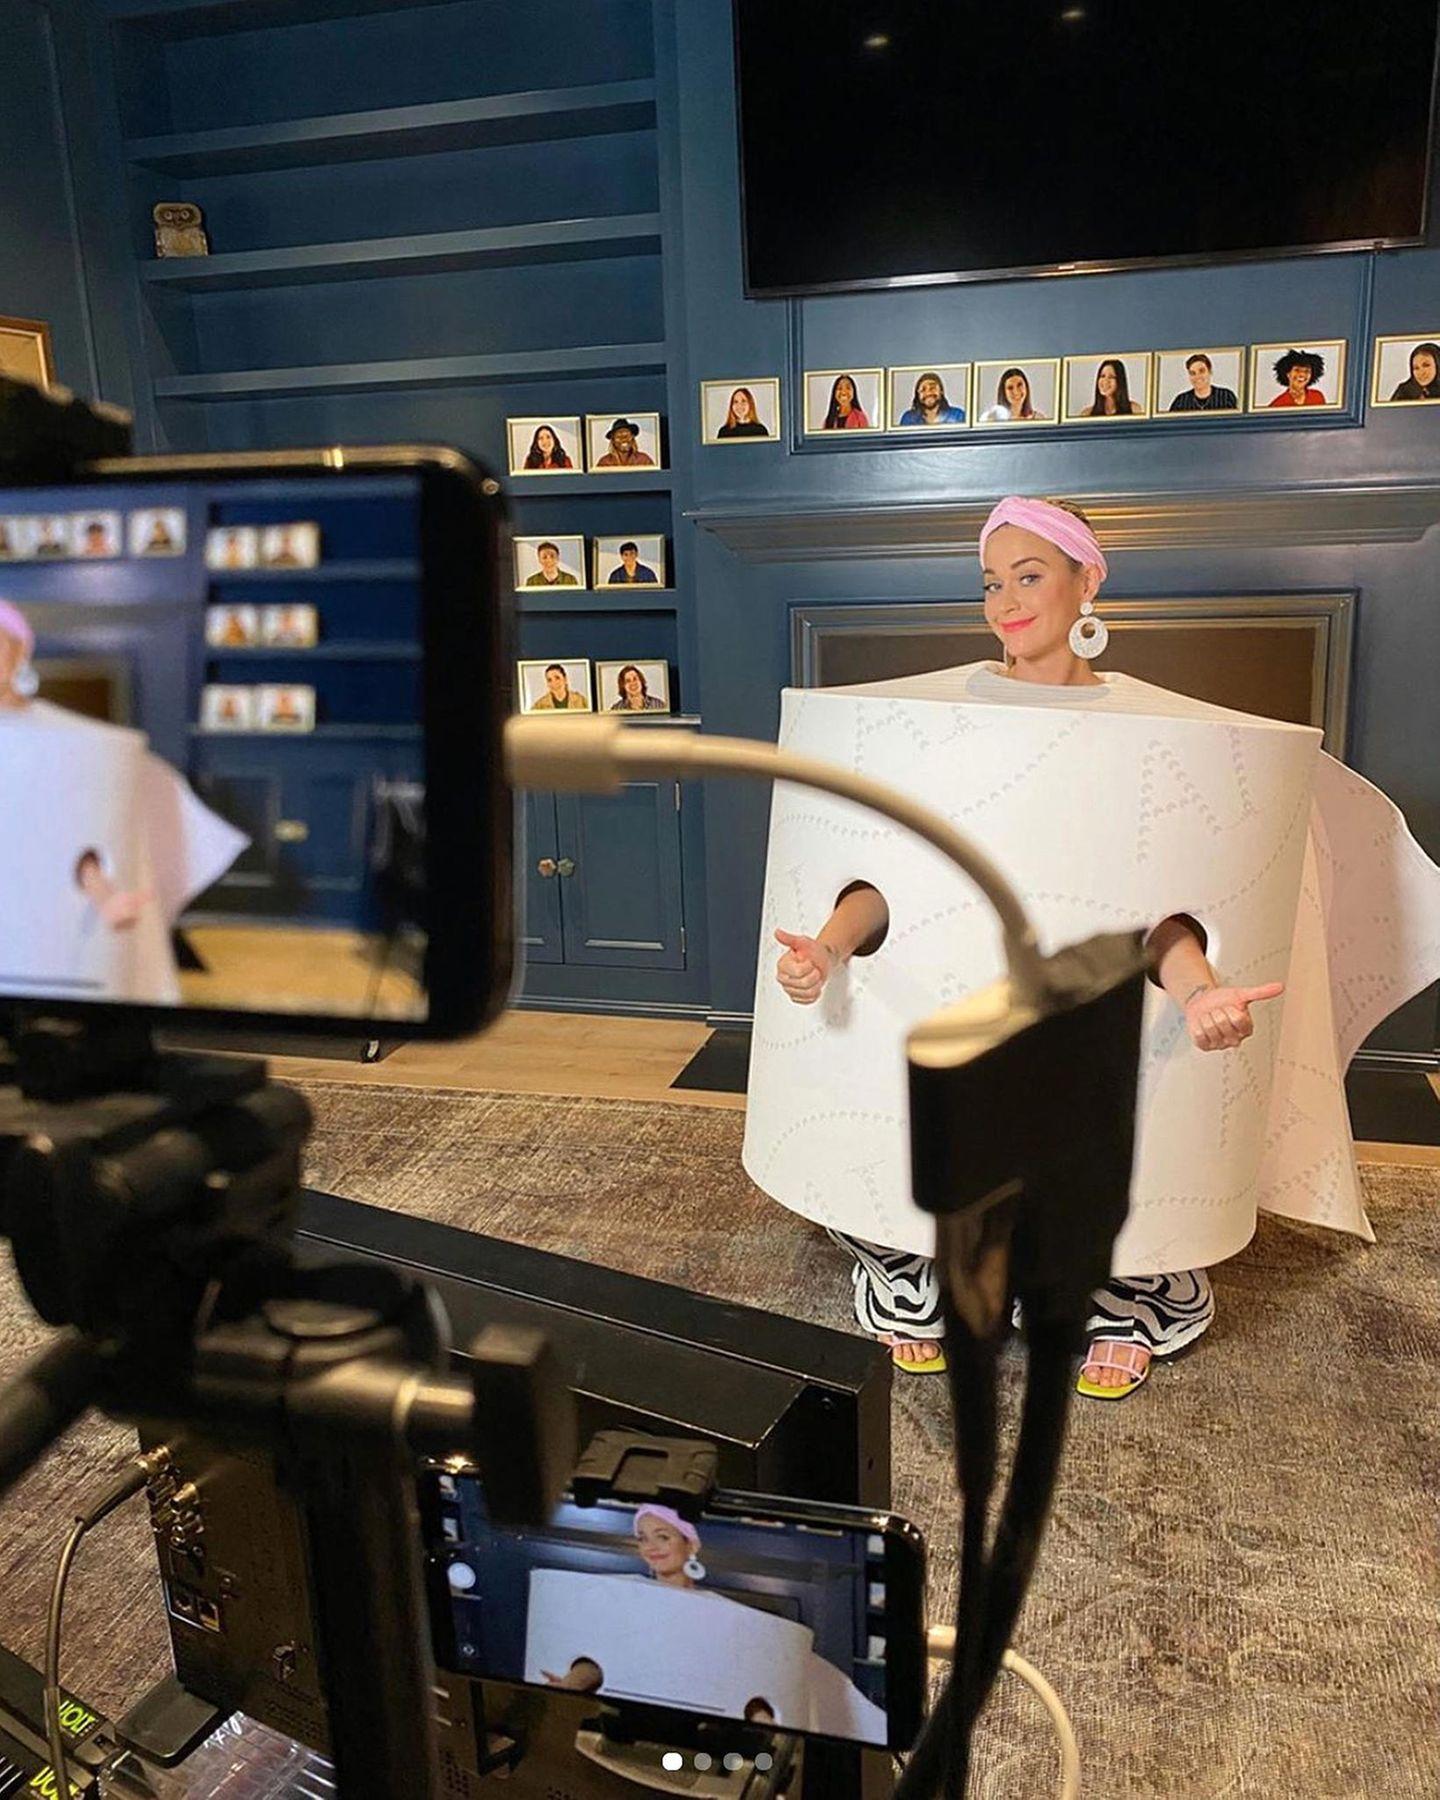 """Die Dreharbeiten für die Casting-Show """"American Idol"""" gehen weiter, und in Zeiten der Coronakrise stimmt Jury-Mitglied Katy Perry ihre Kostüme natürlich auf die derzeitige Situation ab."""